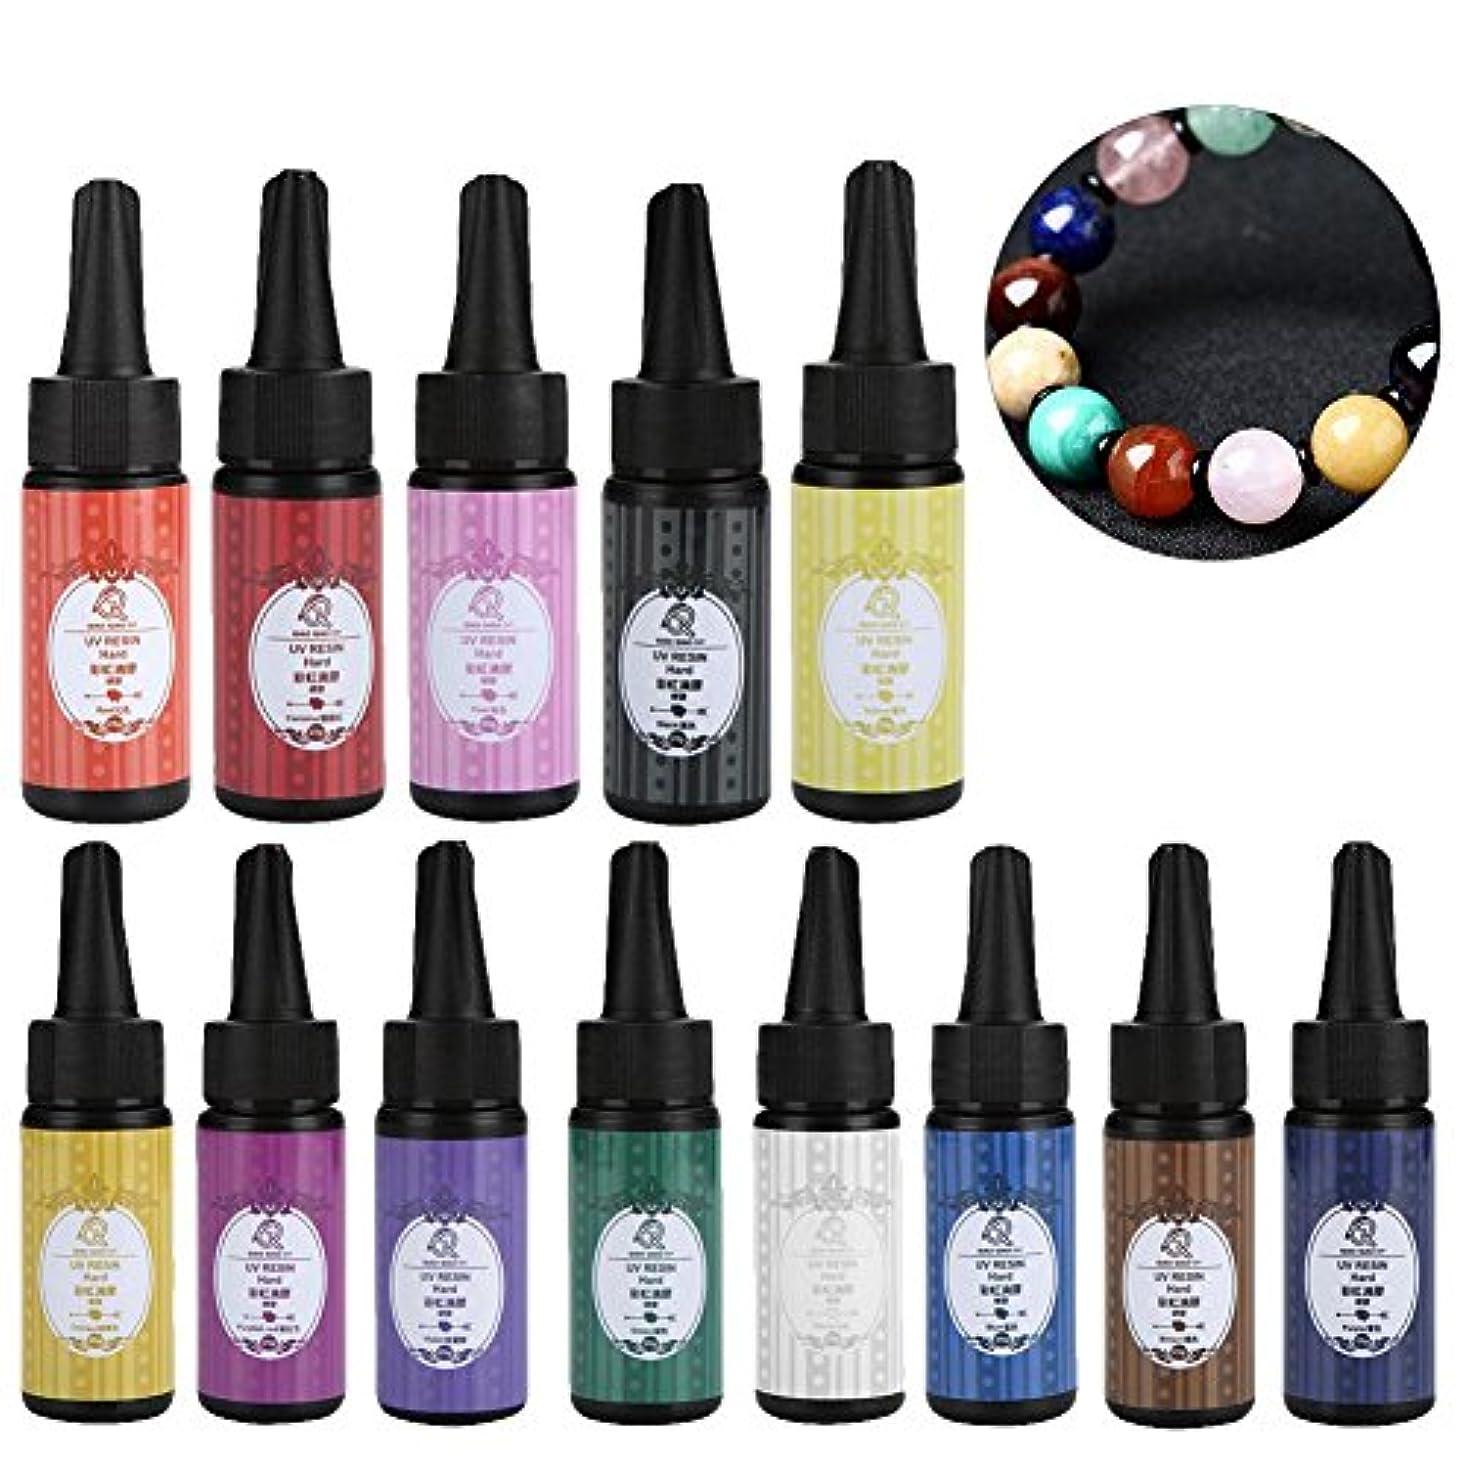 ピグメントUVジェル、シリコーン金型ジュエリー 樹脂 紫外線紫色 ネイルアートクリスタル 接着剤 13個 DIY(13)